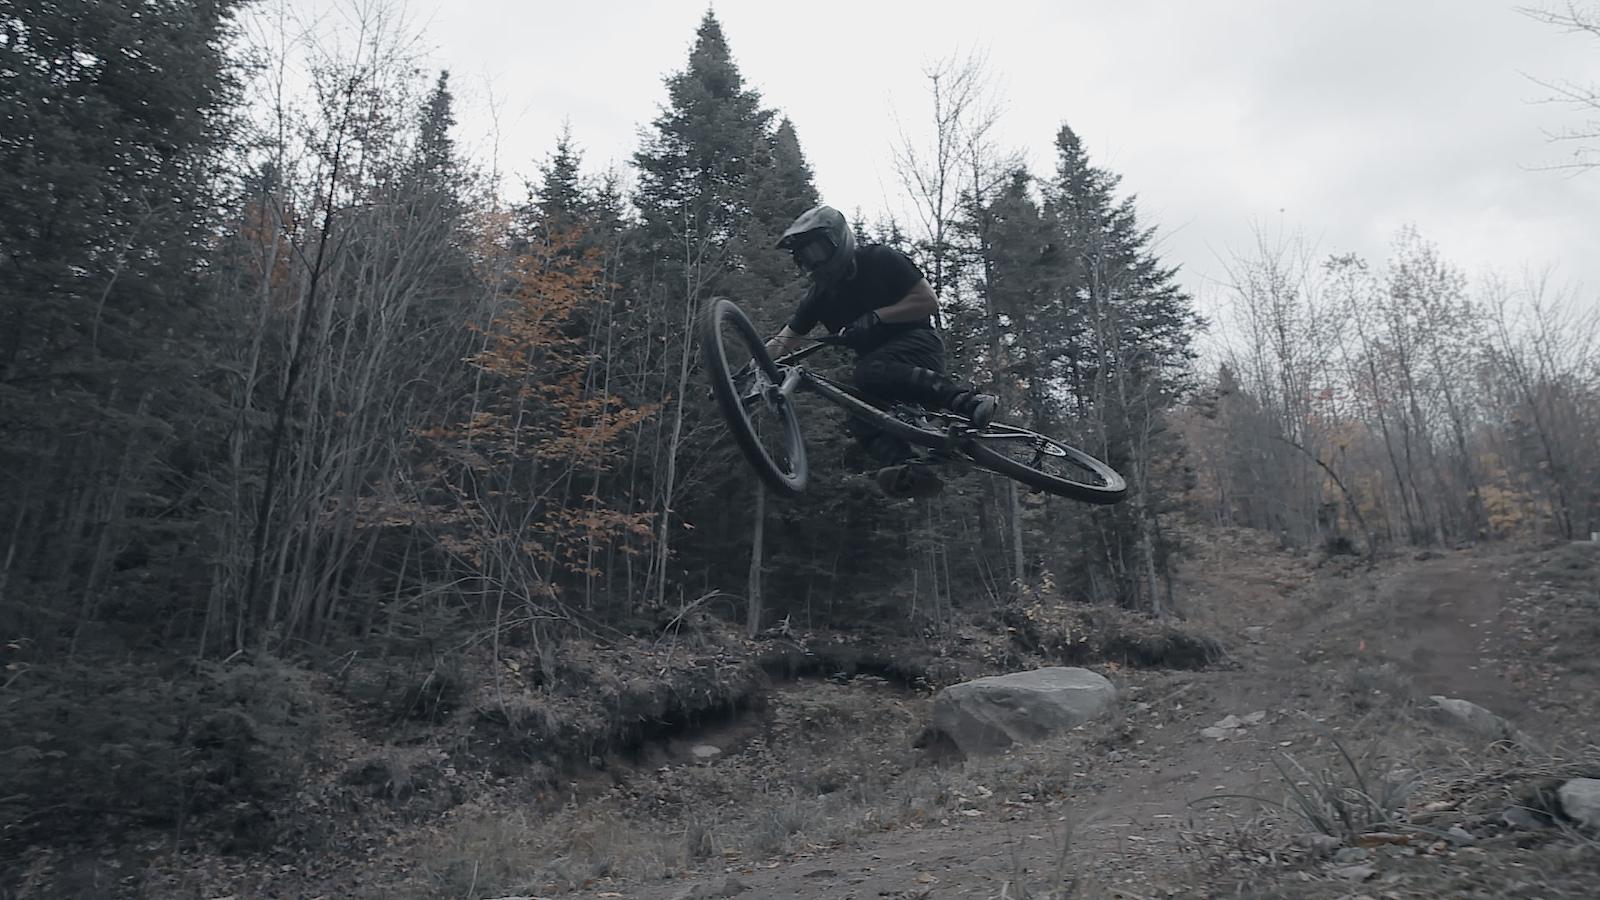 Jump shot, Screengrab